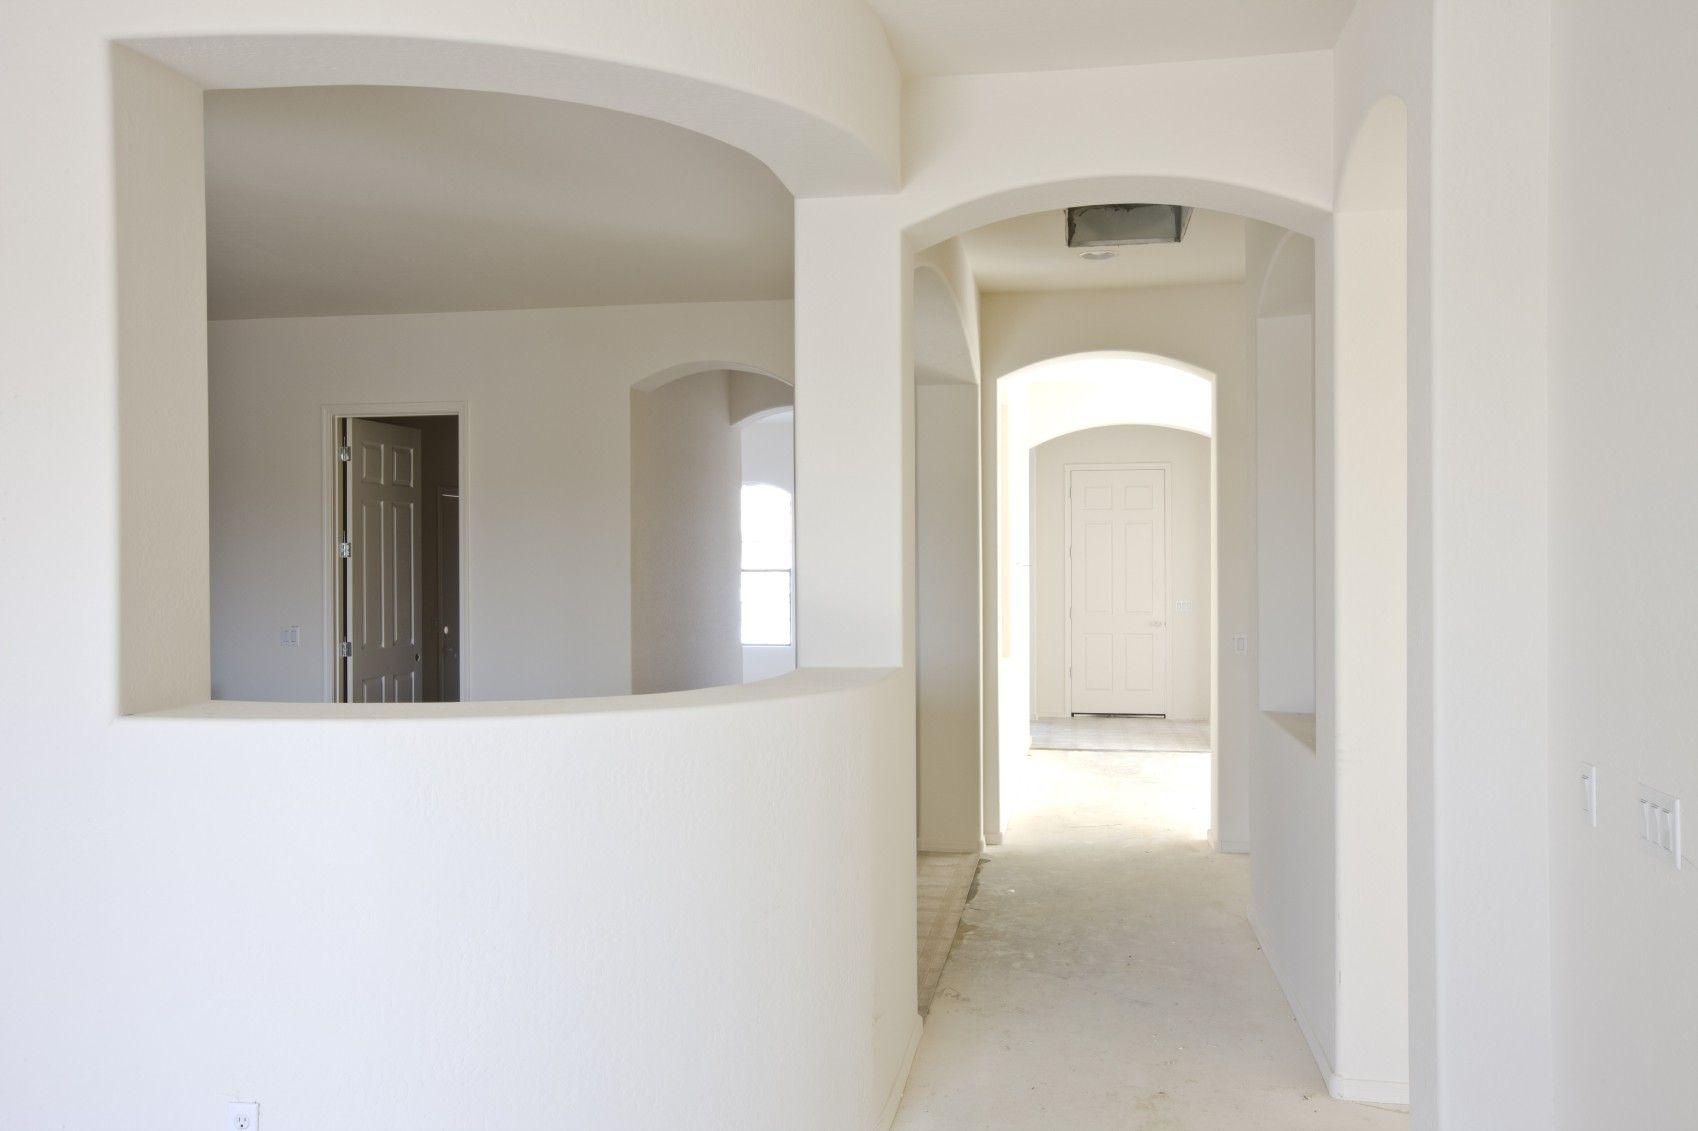 Divisórias em Drywall Comprar na Vila Eutália - Divisórias em Drywall